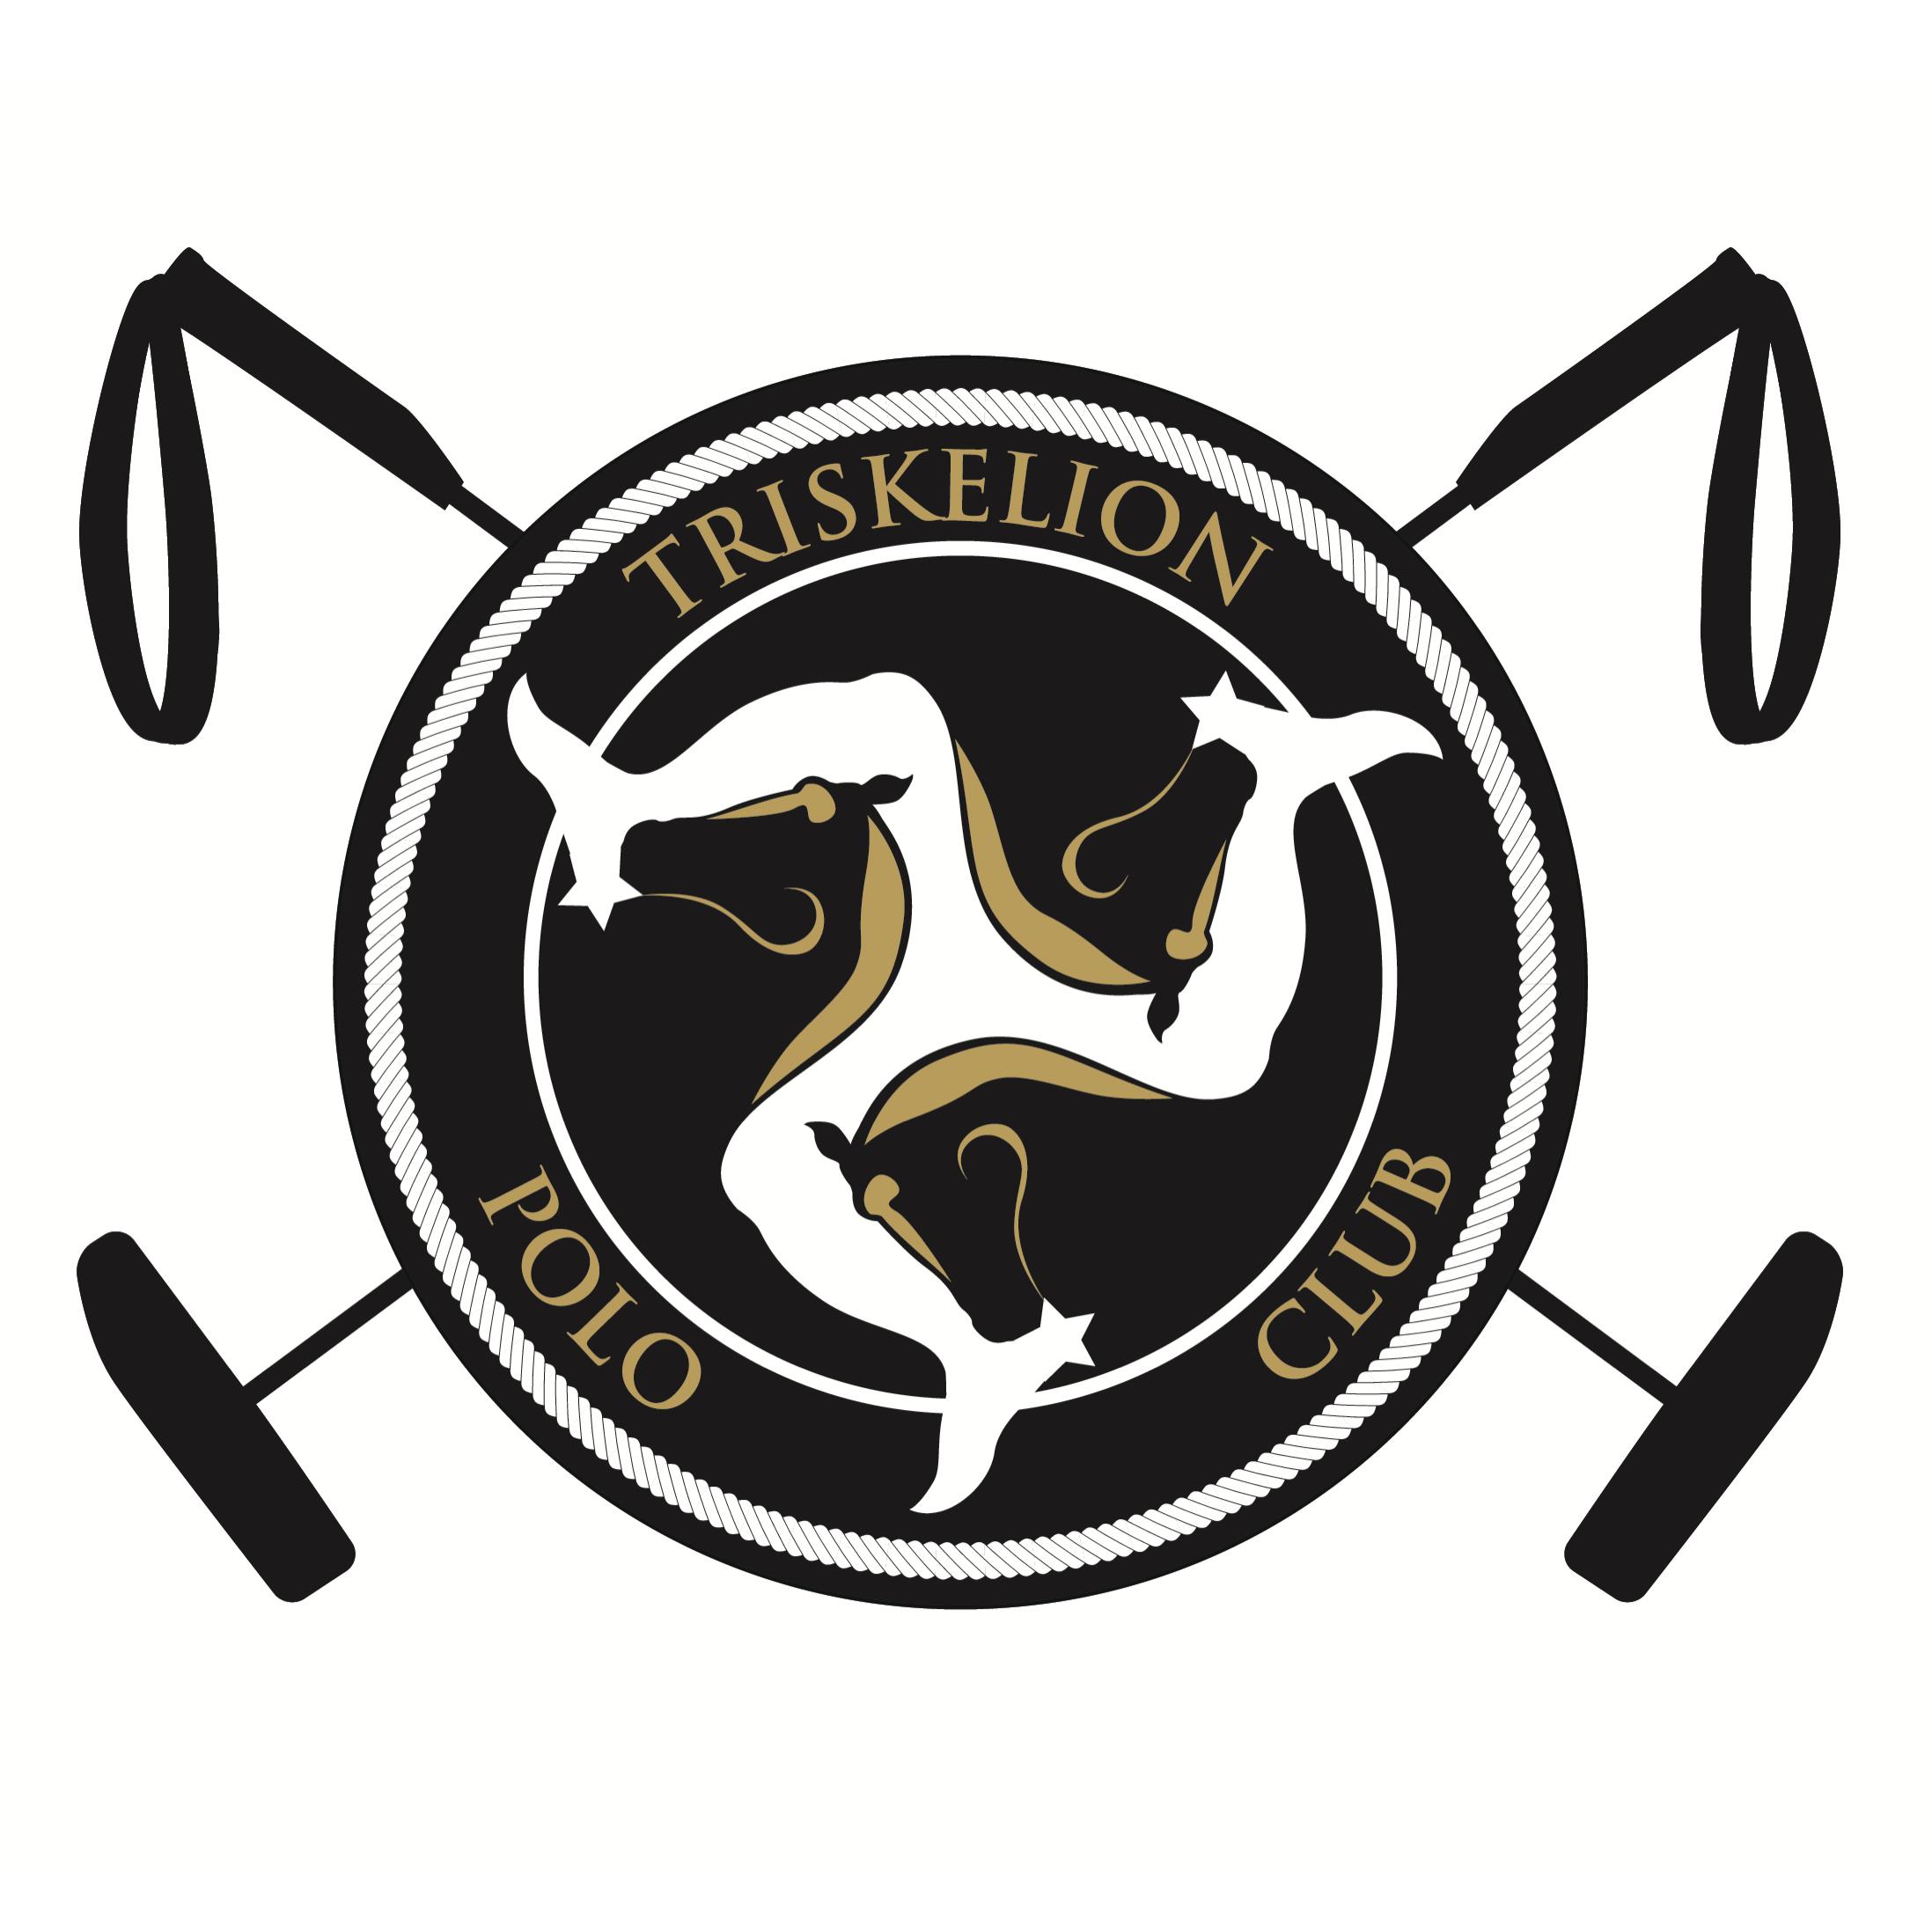 triskelionpolo.club